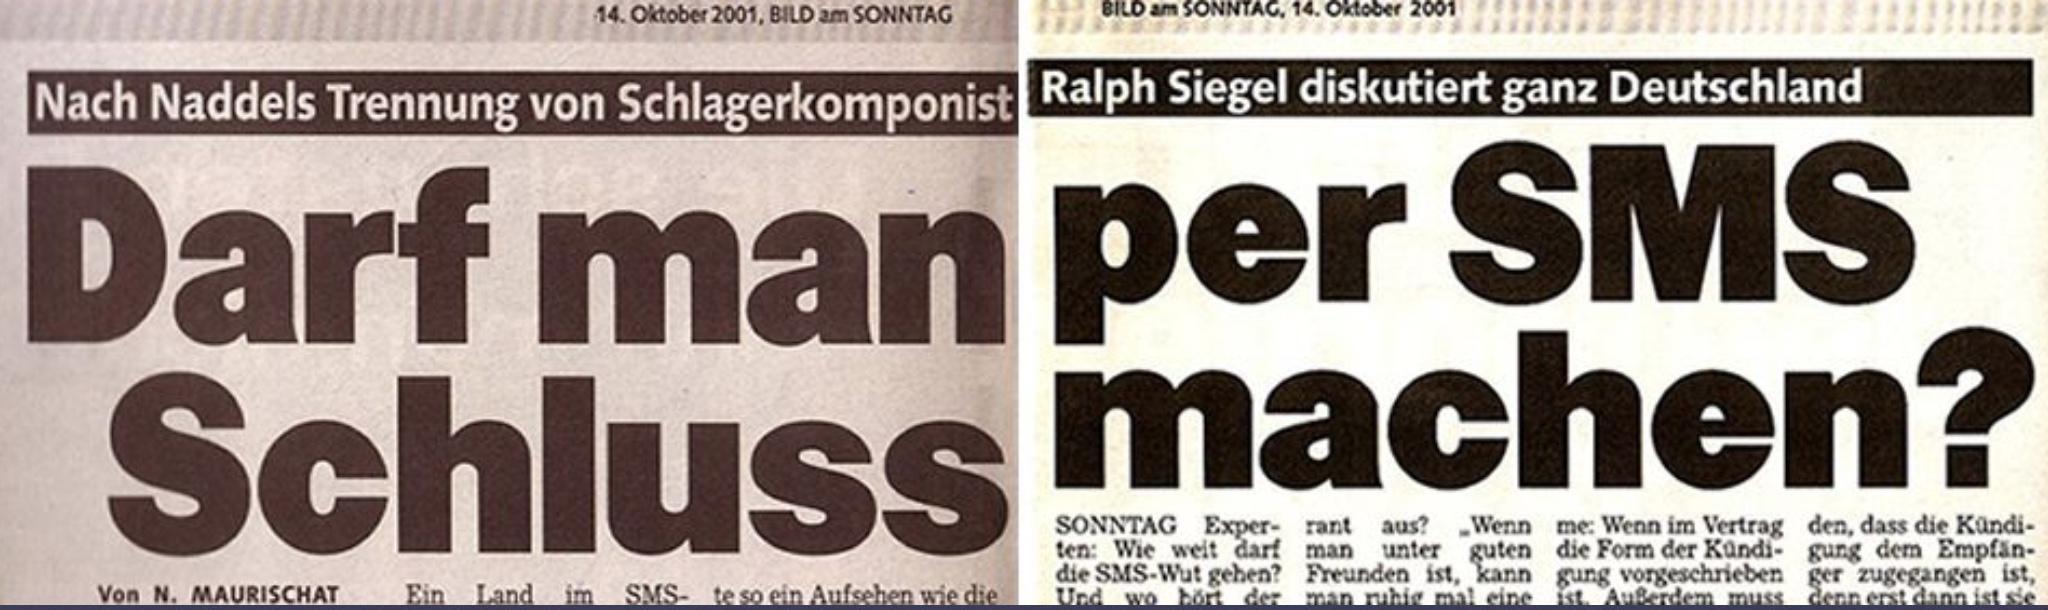 Schlagzeile der BILD am SONNTAG: DARF MAN PER SMS SCHLUSS MACHEN?